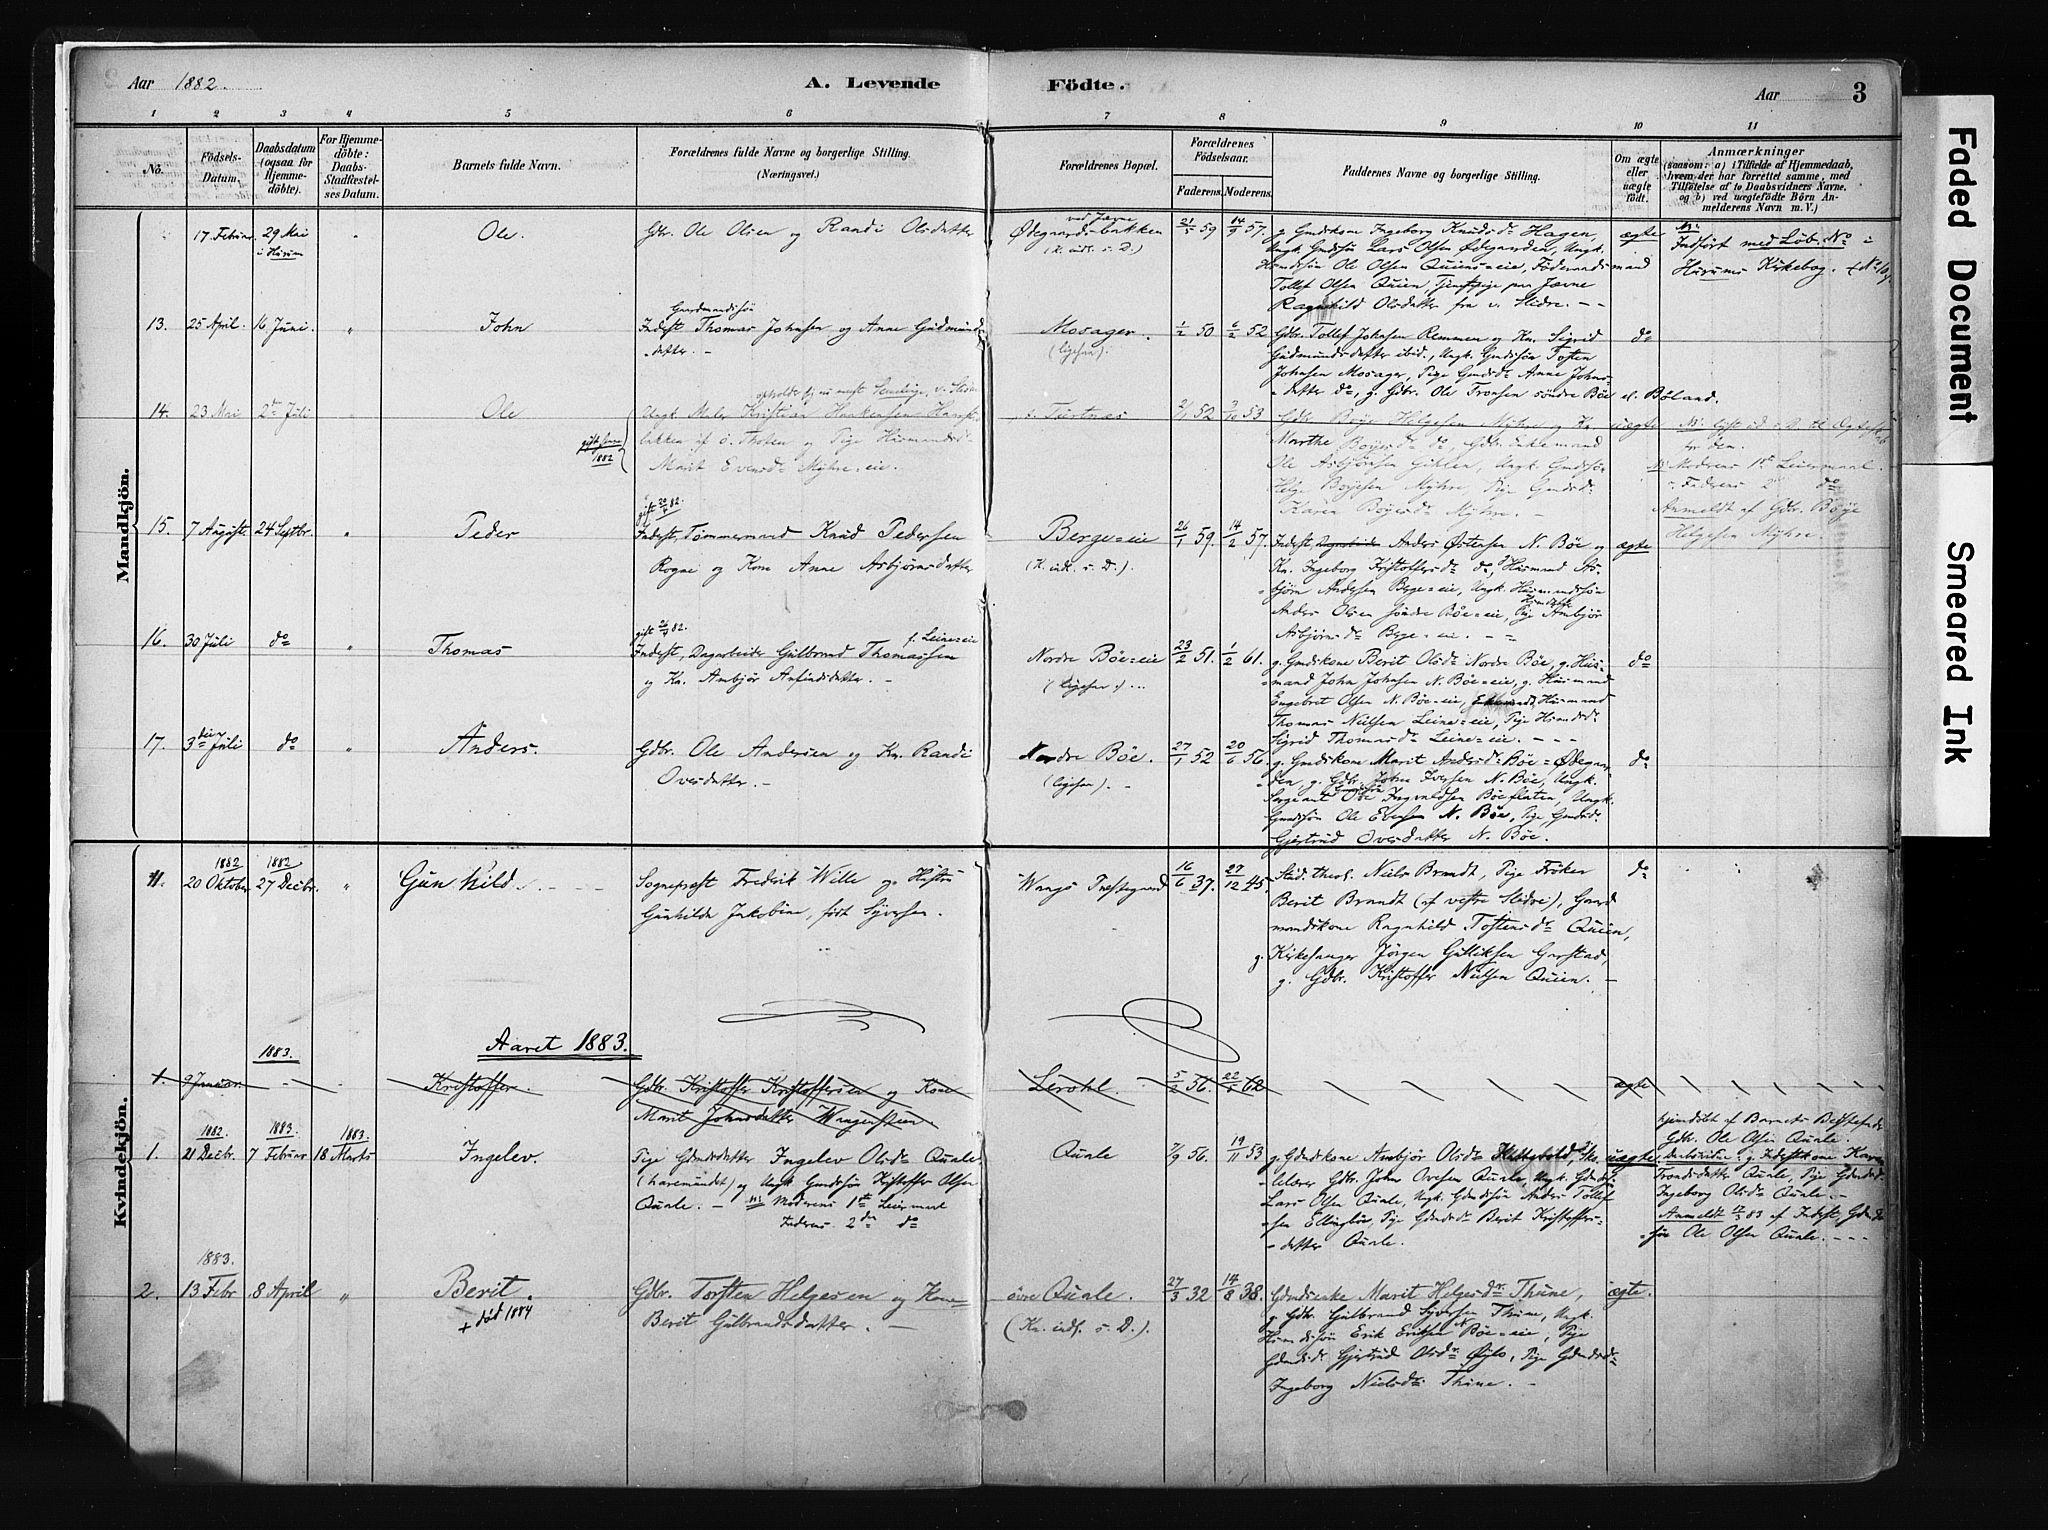 SAH, Vang prestekontor, Valdres, Ministerialbok nr. 8, 1882-1910, s. 3